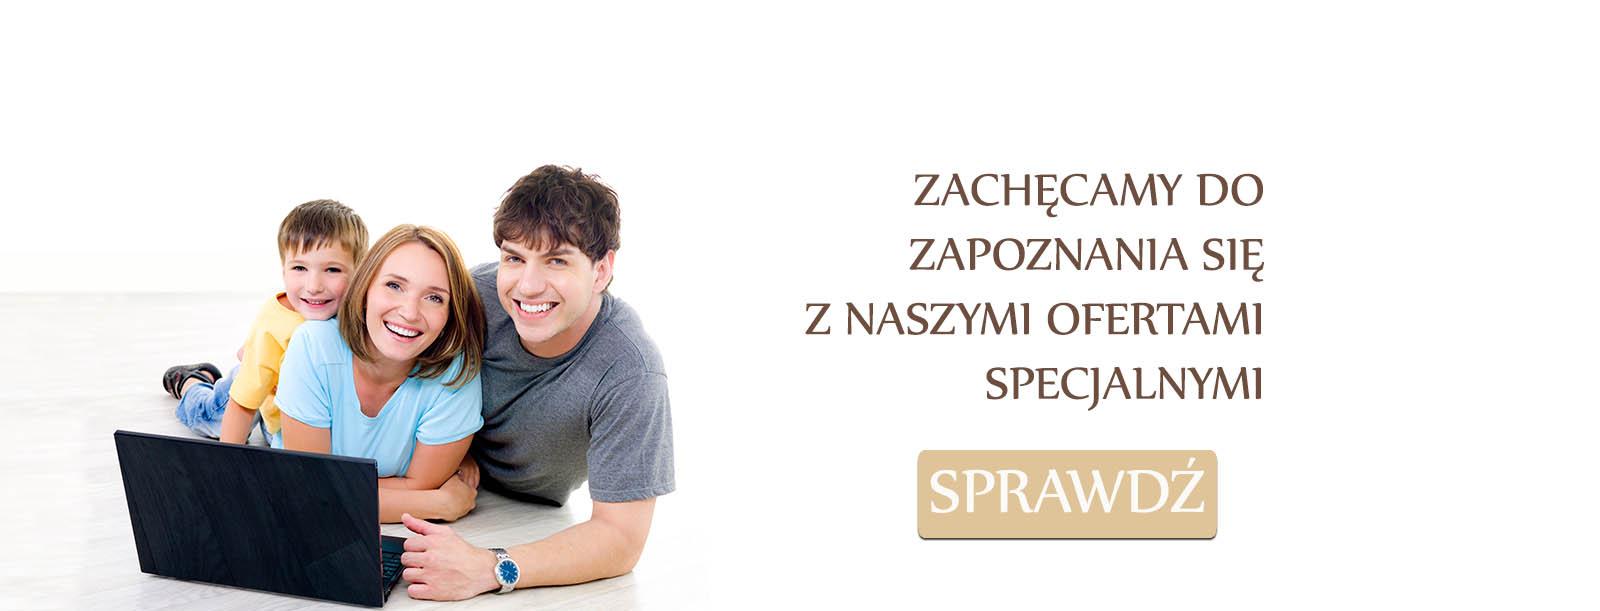 oferty specjalne rubbens